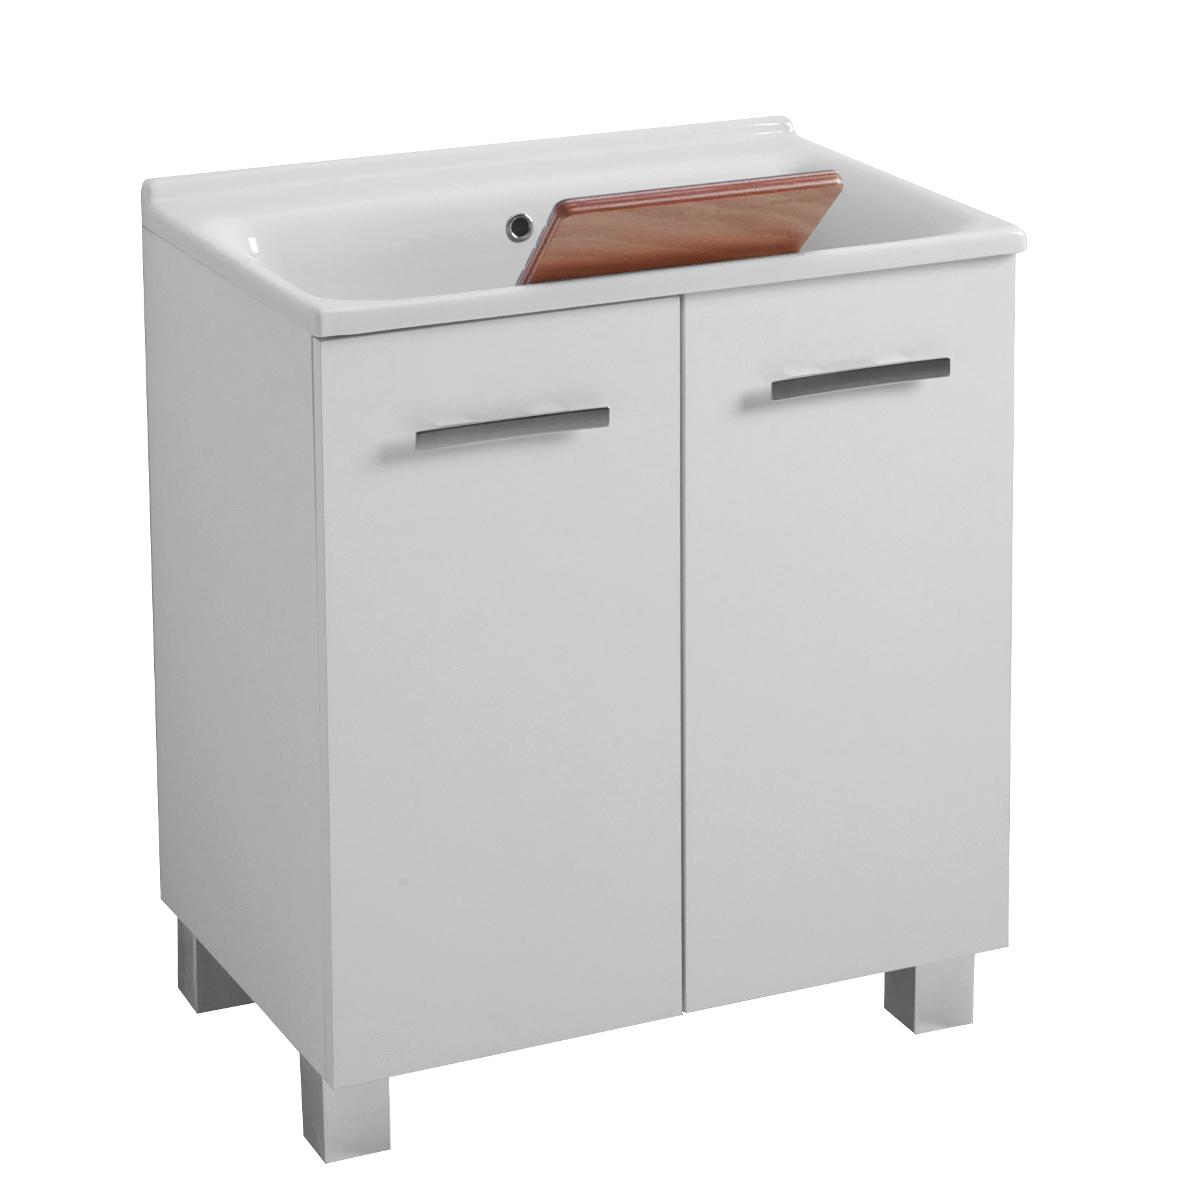 Mobile lavanderia con lavatoio e porta lavatrice su misura - Lavatoio leroy merlin ...